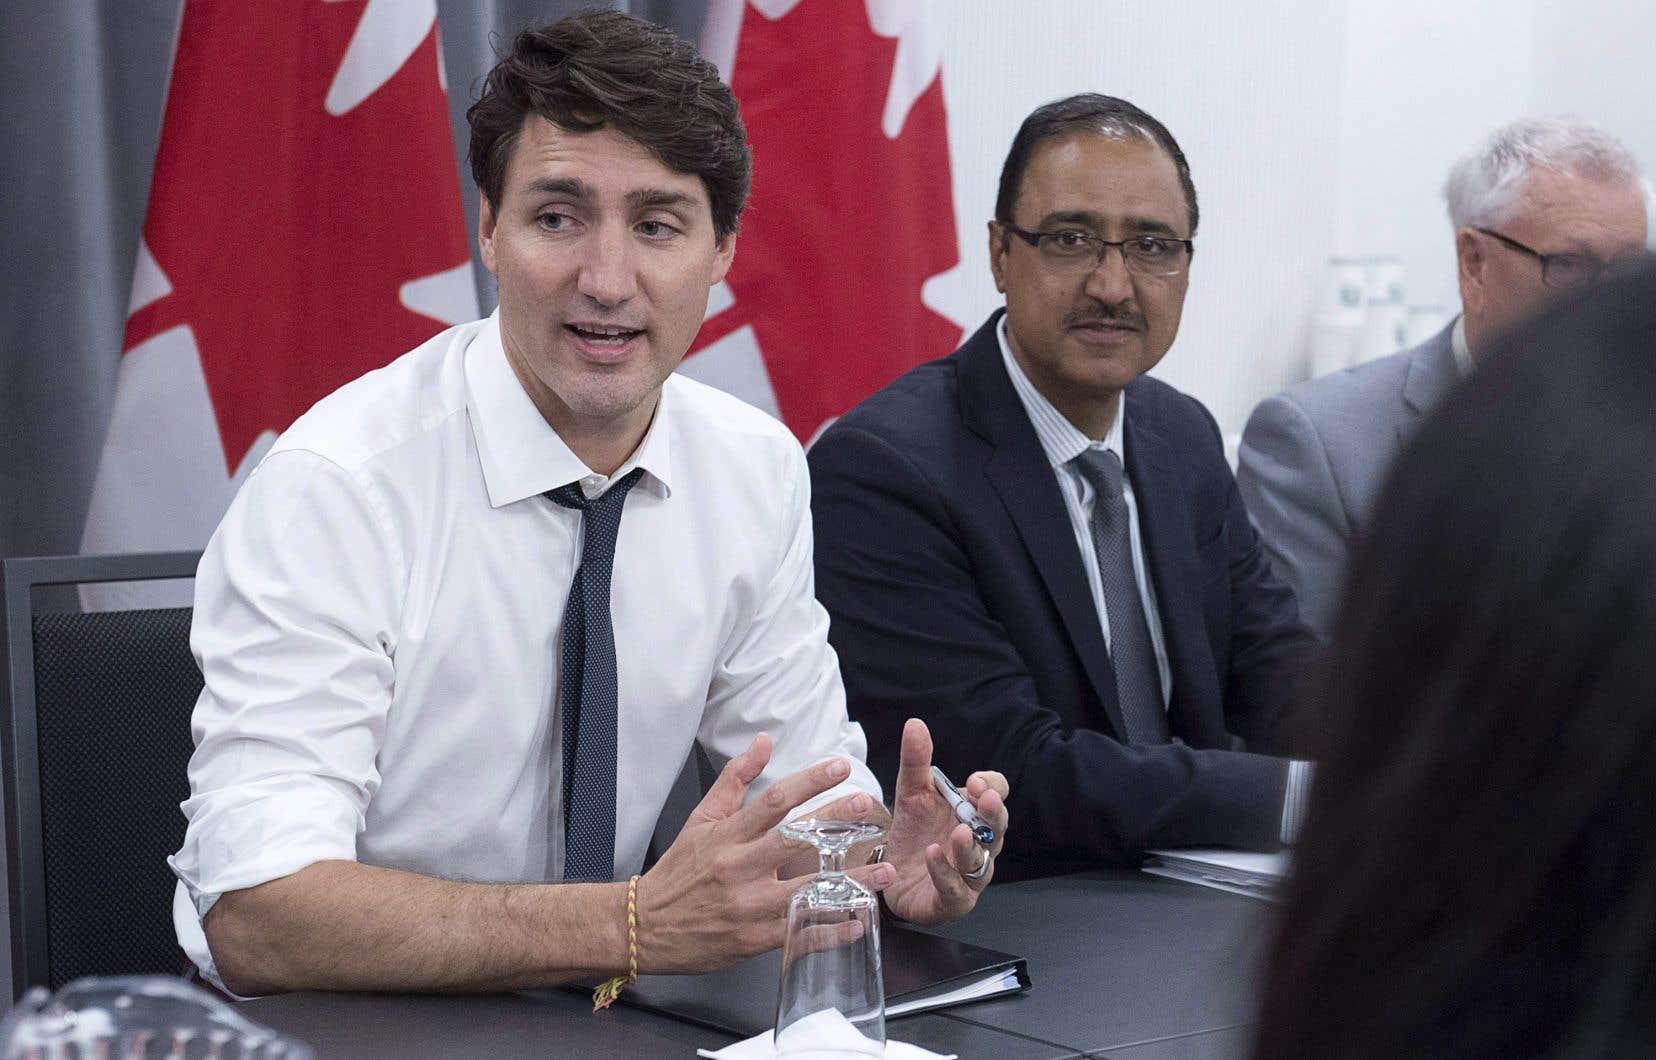 Le premier ministre Justin Trudeau et le ministre des Infrastructures, Amarjeet Sohi